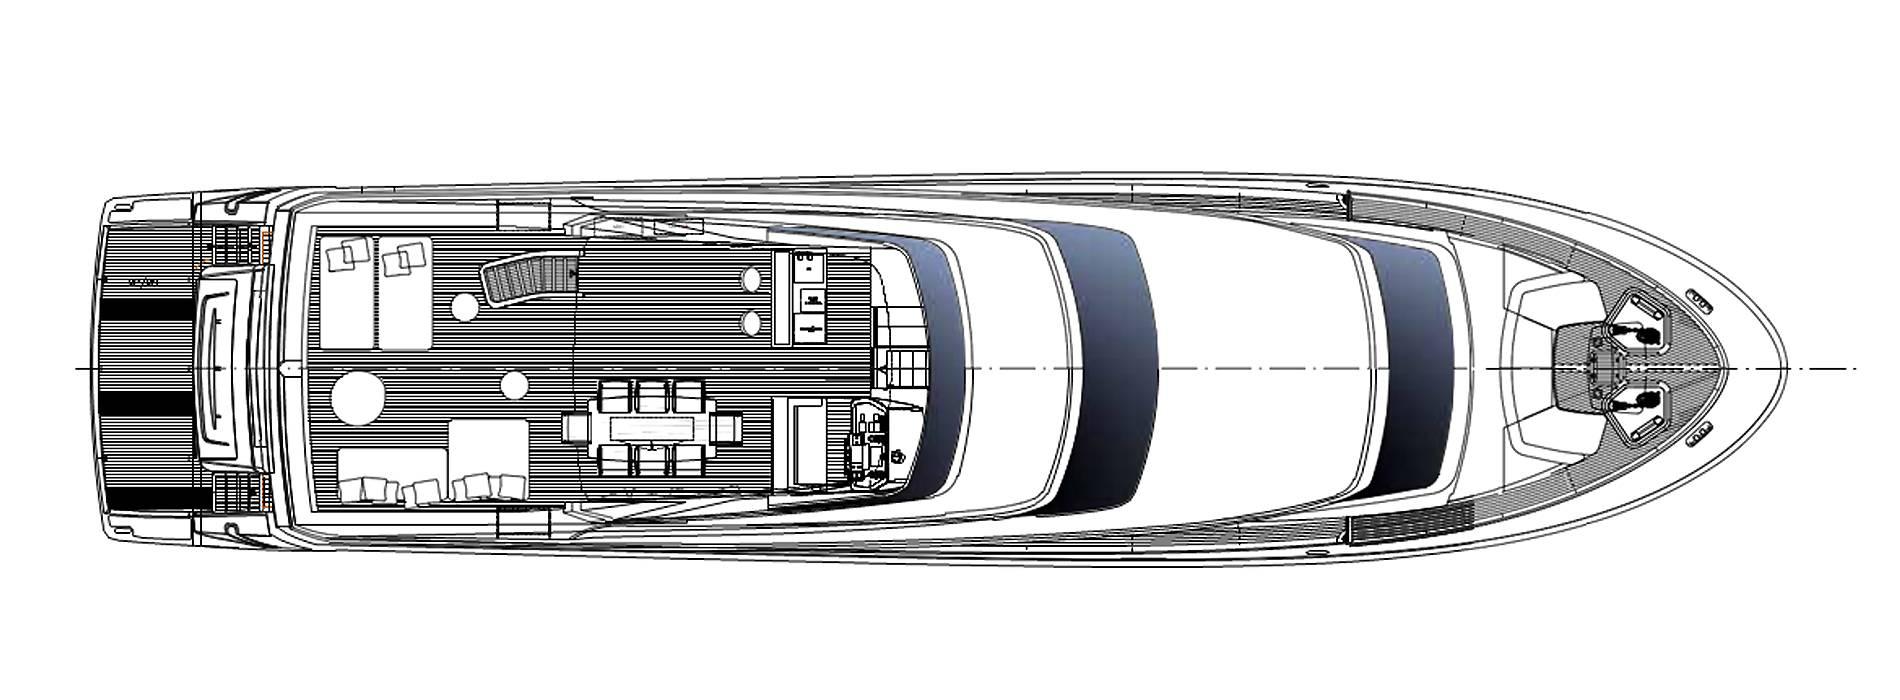 Sanlorenzo Yachts SL96-623 Flying